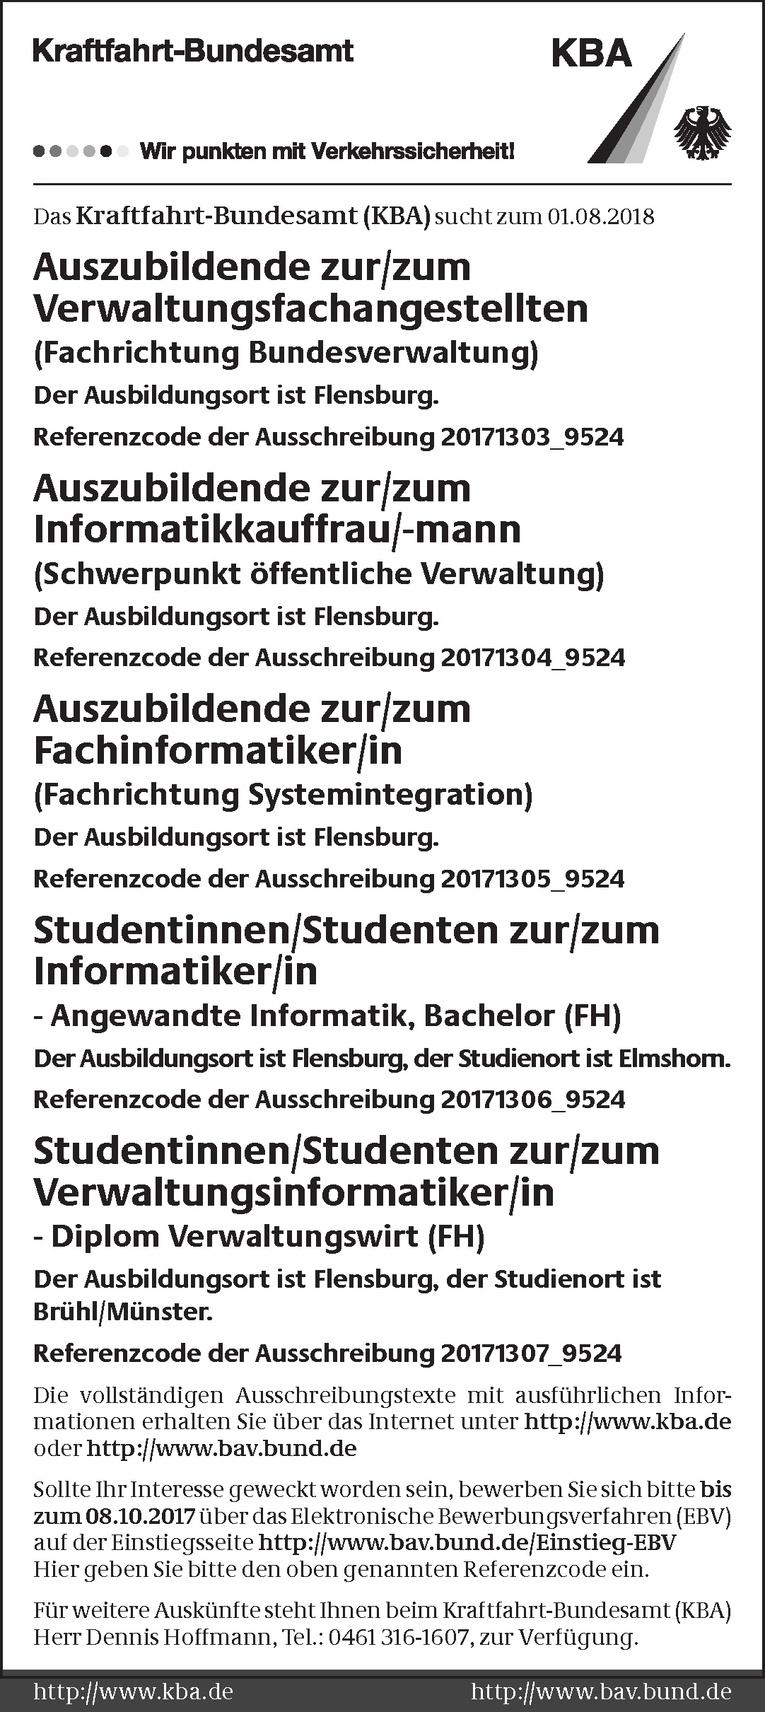 Studentinnen/Studenten zur/zum Verwaltungsinformatiker/in